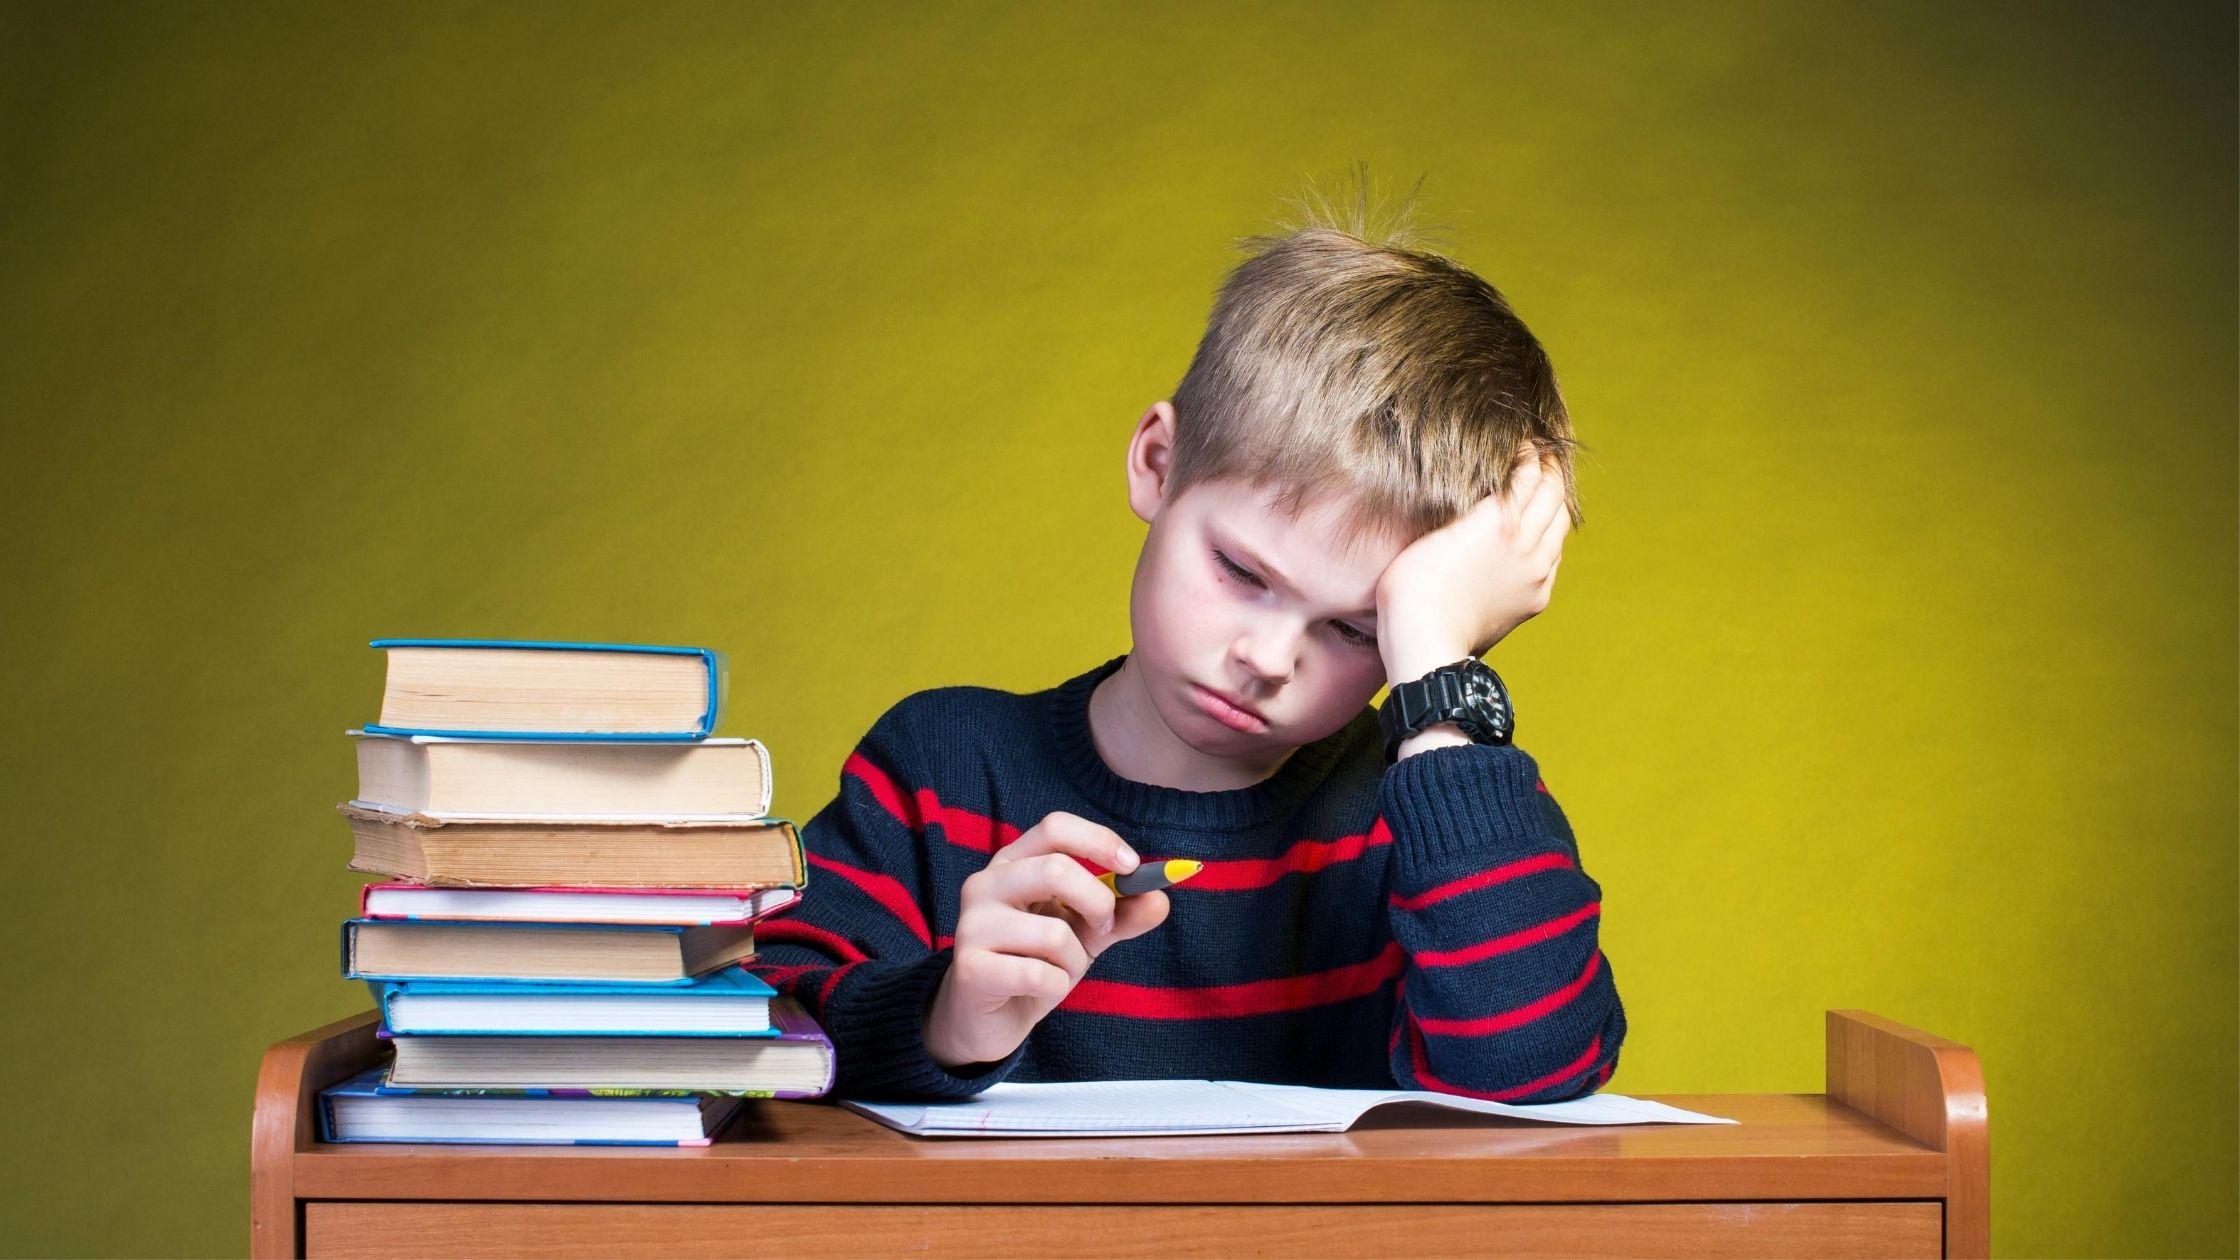 kind met leerproblemen